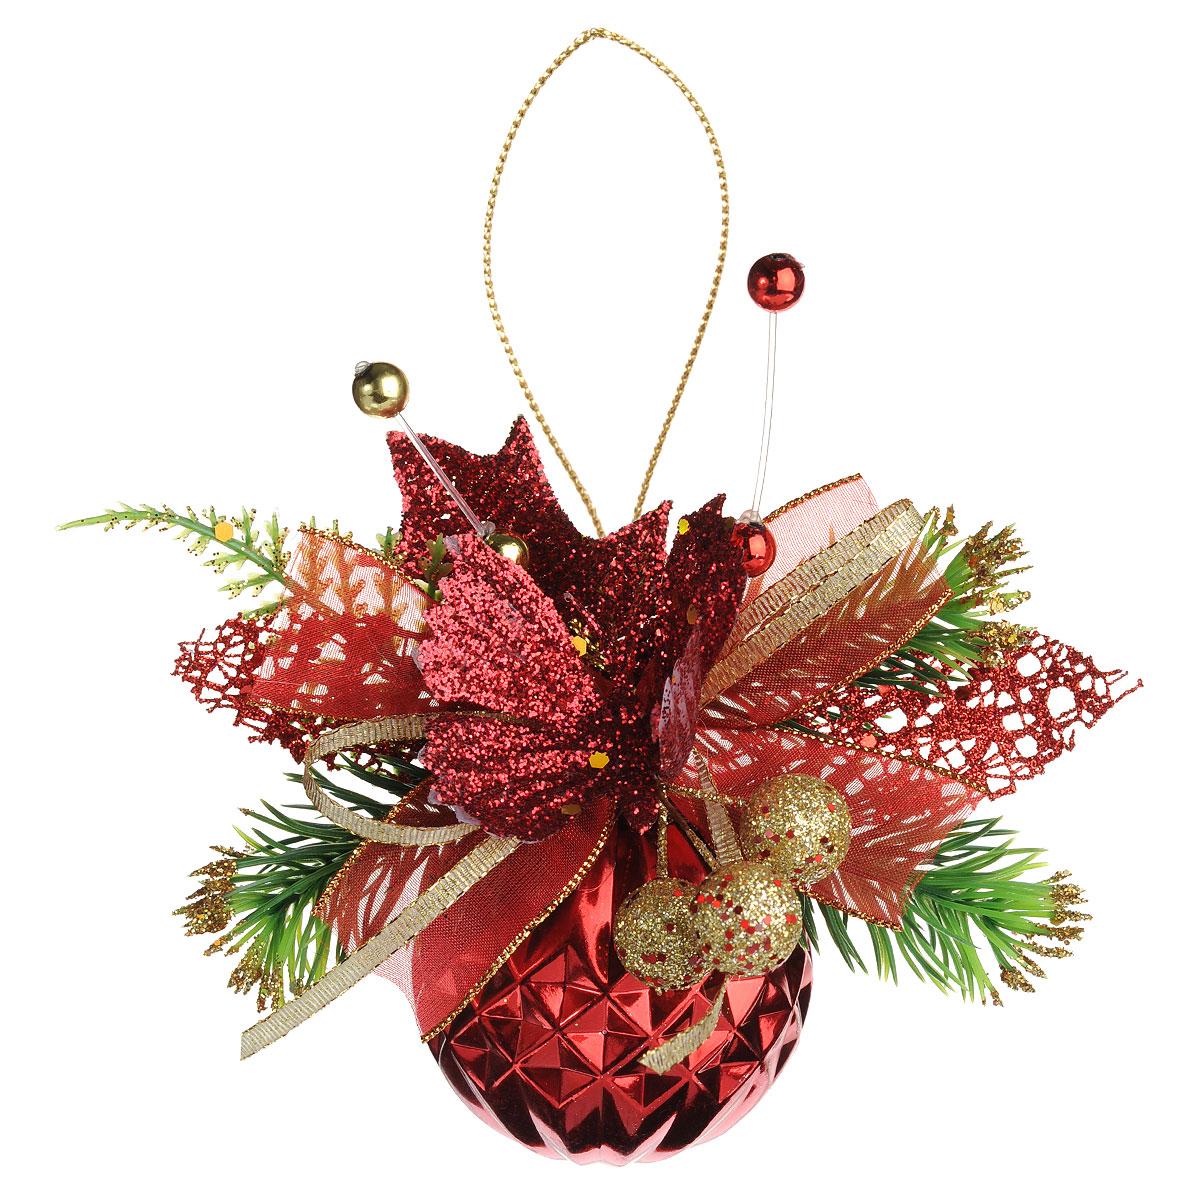 Новогоднее подвесное украшение Sima-land Шар, цвет: красный, диаметр 6 см. 705779705779Новогоднее подвесное украшение Sima-land Шар прекрасно подойдет для праздничного декора новогодней ели. Шар выполнен из пластика, украшен рельефом и композицией из ленточек, пластиковых веточек, листочков и бабочки. Для удобного размещения на елке для игрушки предусмотрена текстильная веревочка. Елочная игрушка - символ Нового года. Она несет в себе волшебство и красоту праздника. Создайте в своем доме атмосферу веселья и радости, украшая новогоднюю елку нарядными игрушками, которые будут из года в год накапливать теплоту воспоминаний. Коллекция декоративных украшений принесет в ваш дом ни с чем не сравнимое ощущение волшебства! Откройте для себя удивительный мир сказок и грез. Почувствуйте волшебные минуты ожидания праздника, создайте новогоднее настроение вашим дорогим и близким.